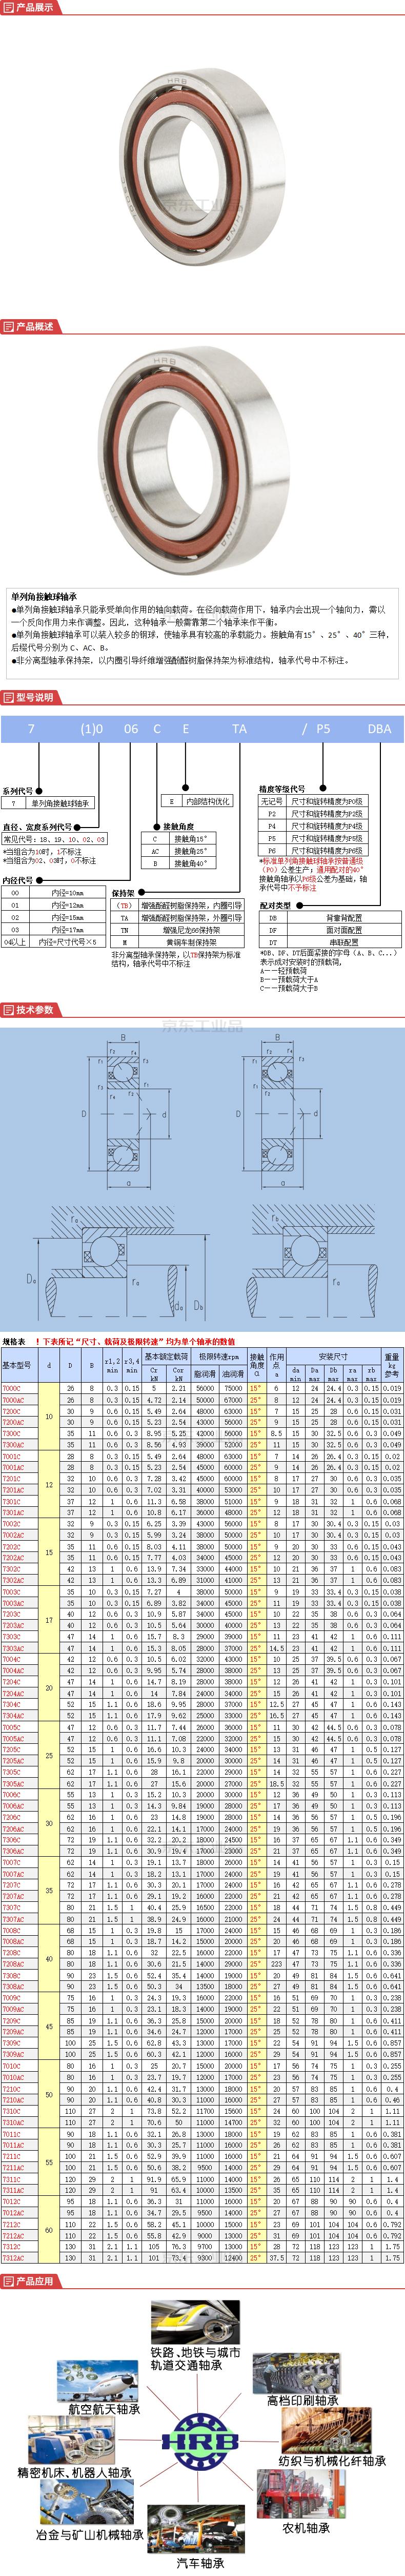 哈轴(HRB) 单列角接触球轴承,开放型;7000C